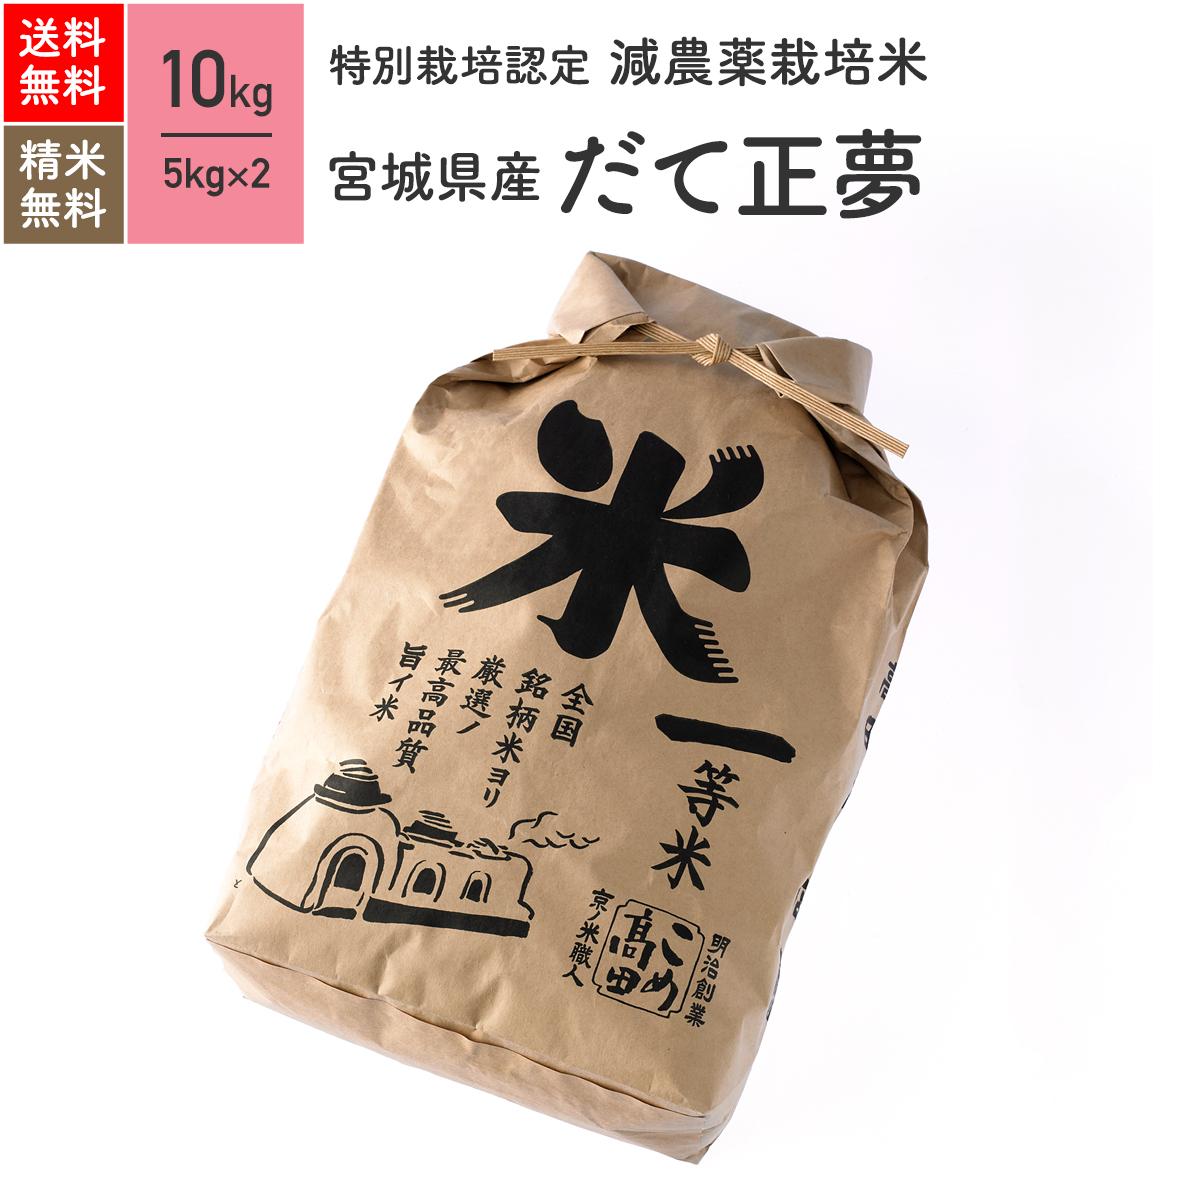 放射能検査検出なし 真空パックも可能 米 10kgだて正夢 宮城県産 特別栽培米 令和2年産 送料無料